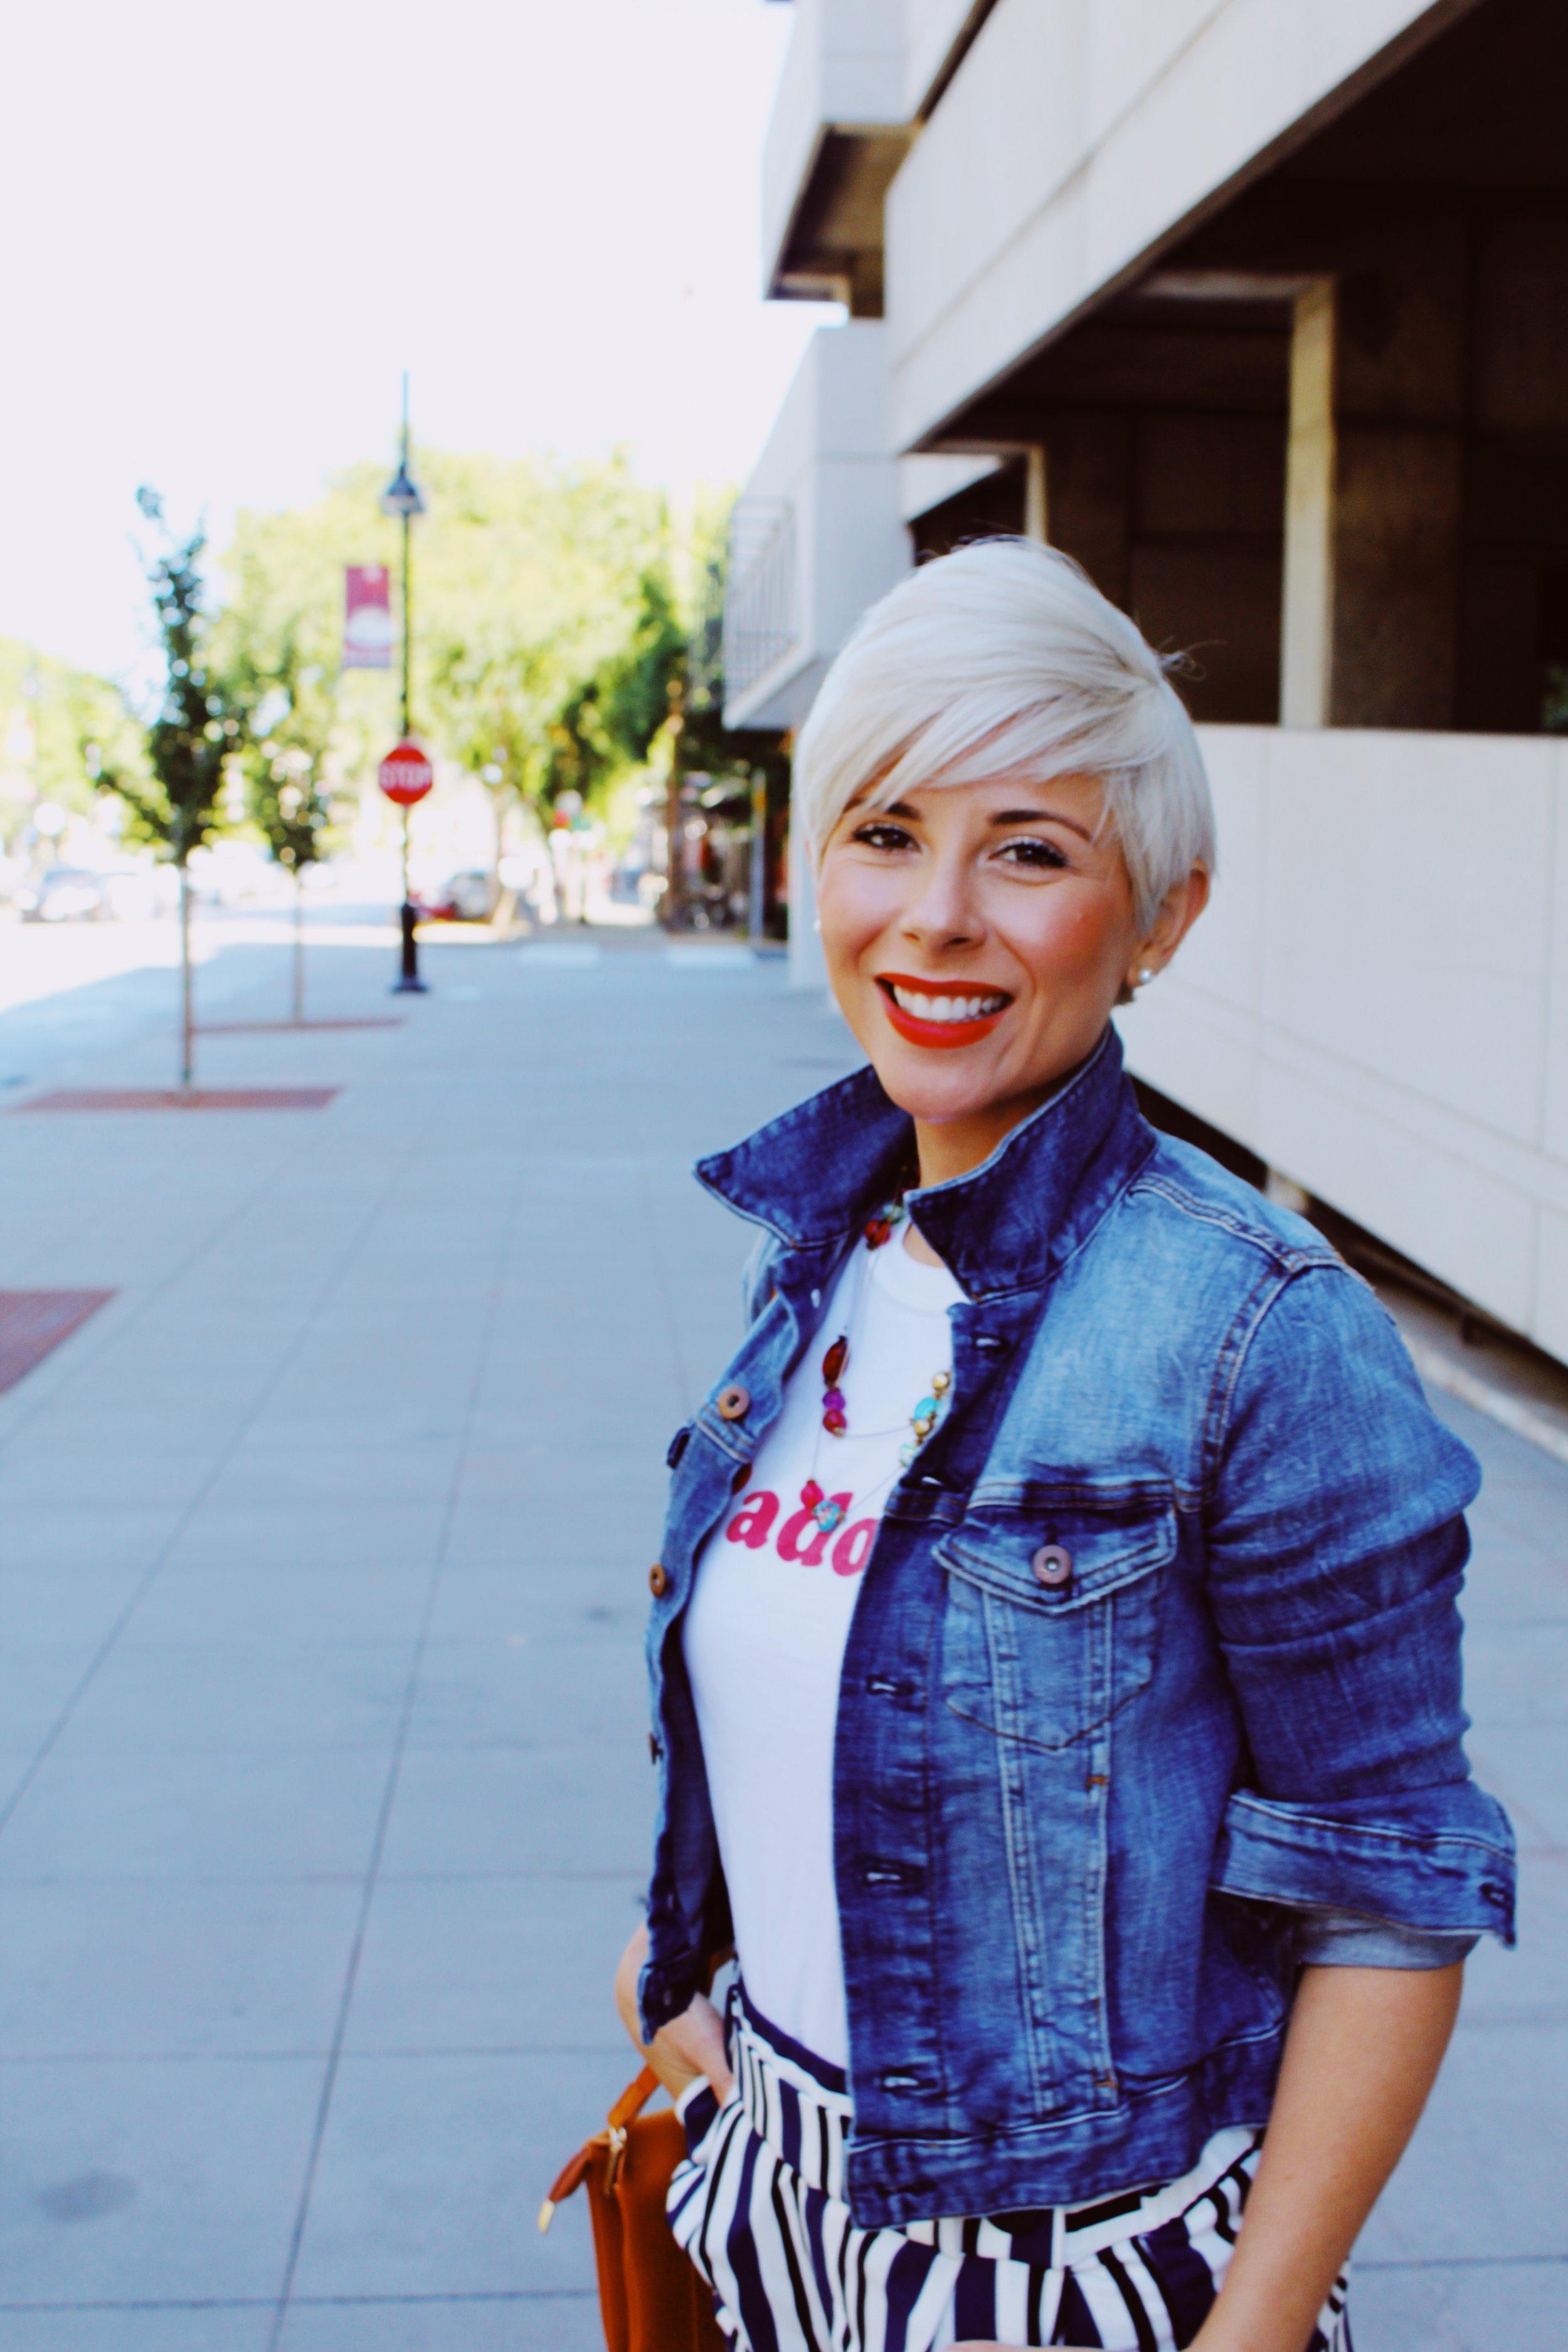 stripedpantsjeanjacketendofsummeroutfitideaslibierblogger_2.JPG